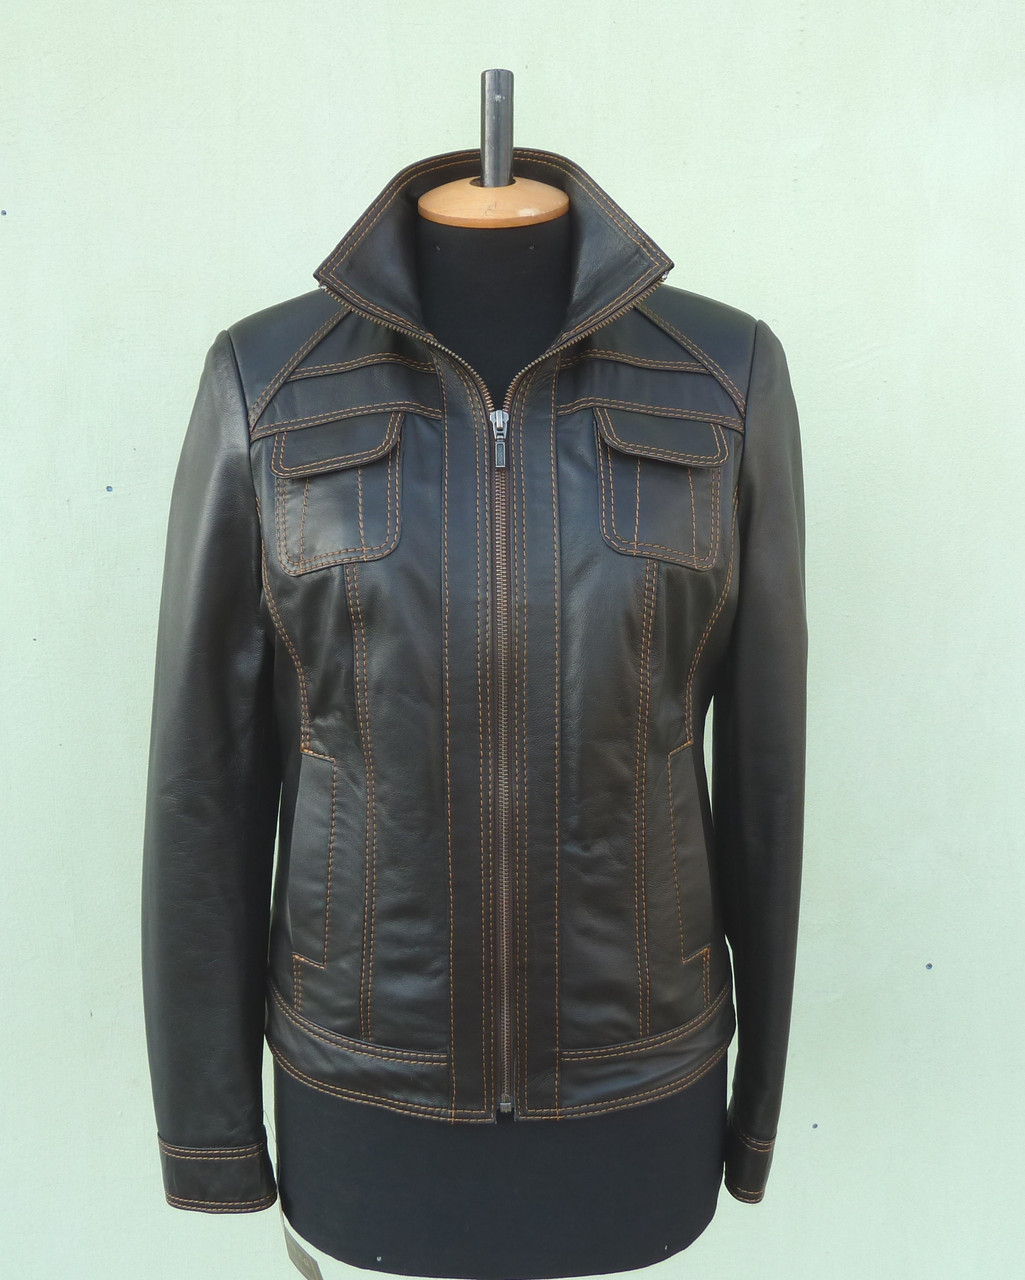 Куртка кожаная женская AKURA размер XL, коричневый